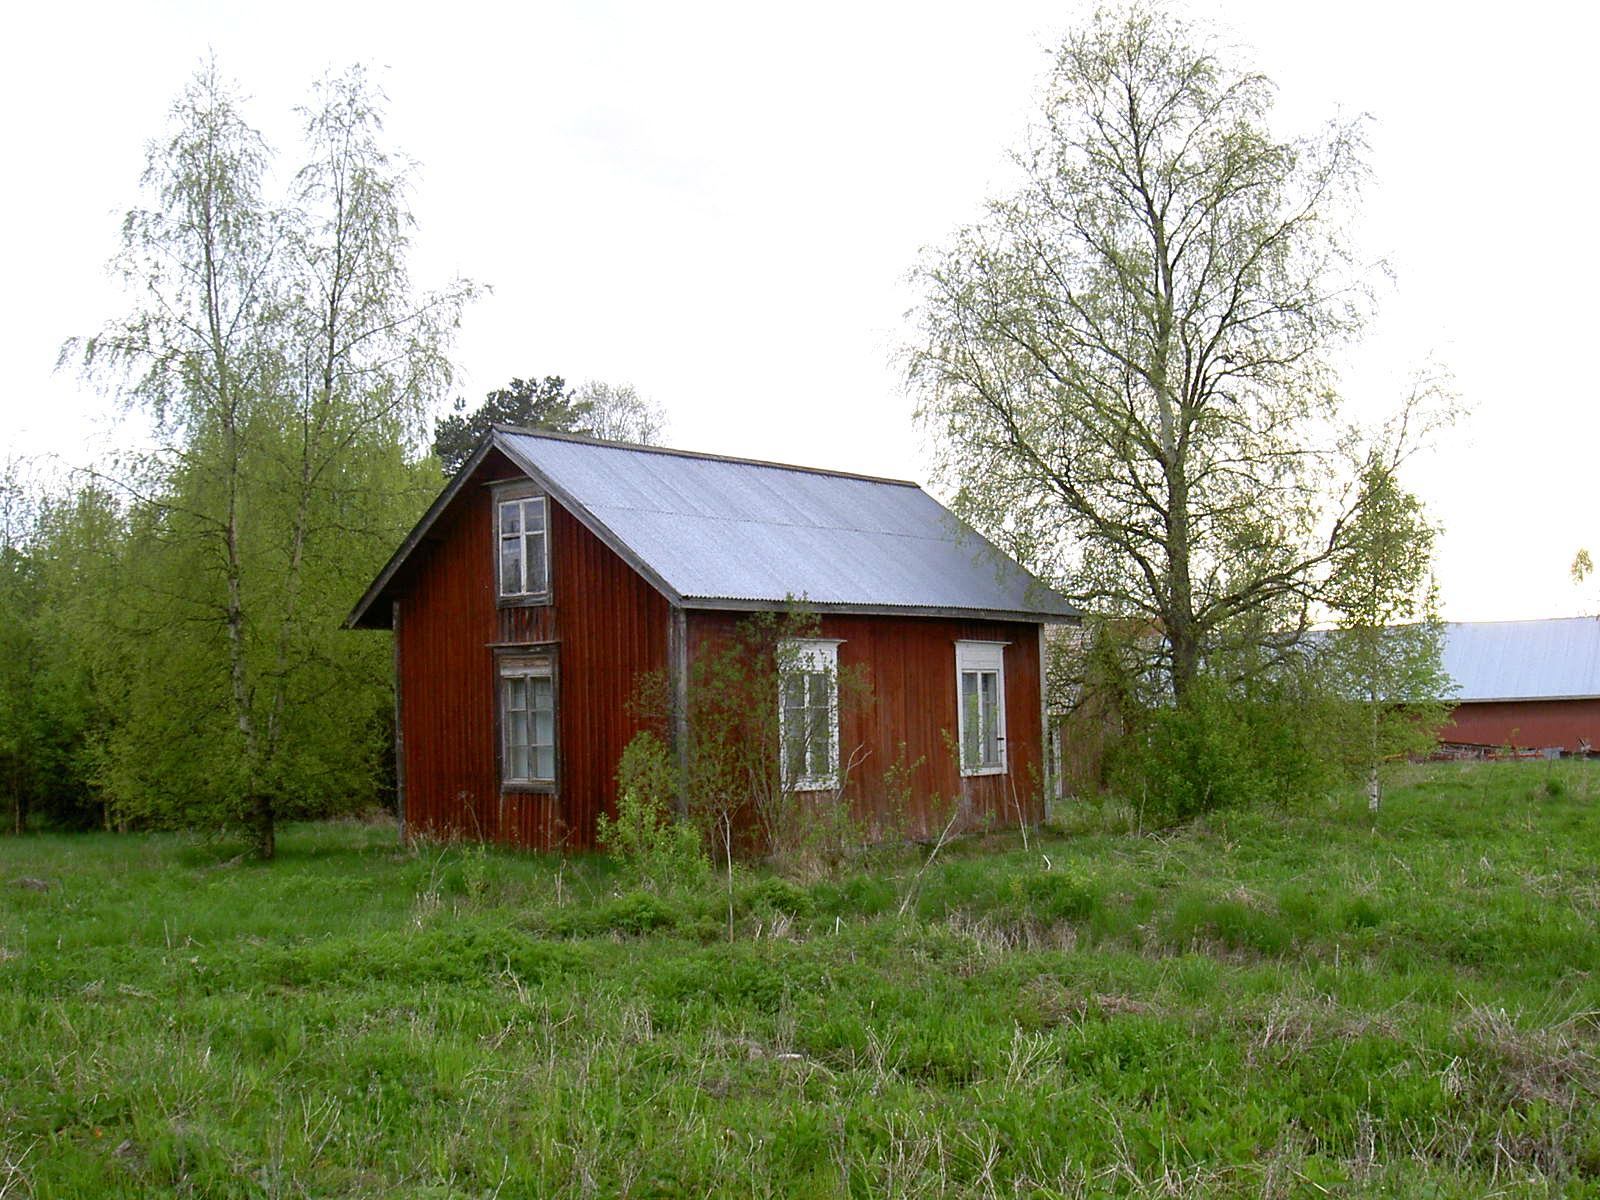 Så här såg huset ut år 2003, fotograferat från Lillsjövägen.